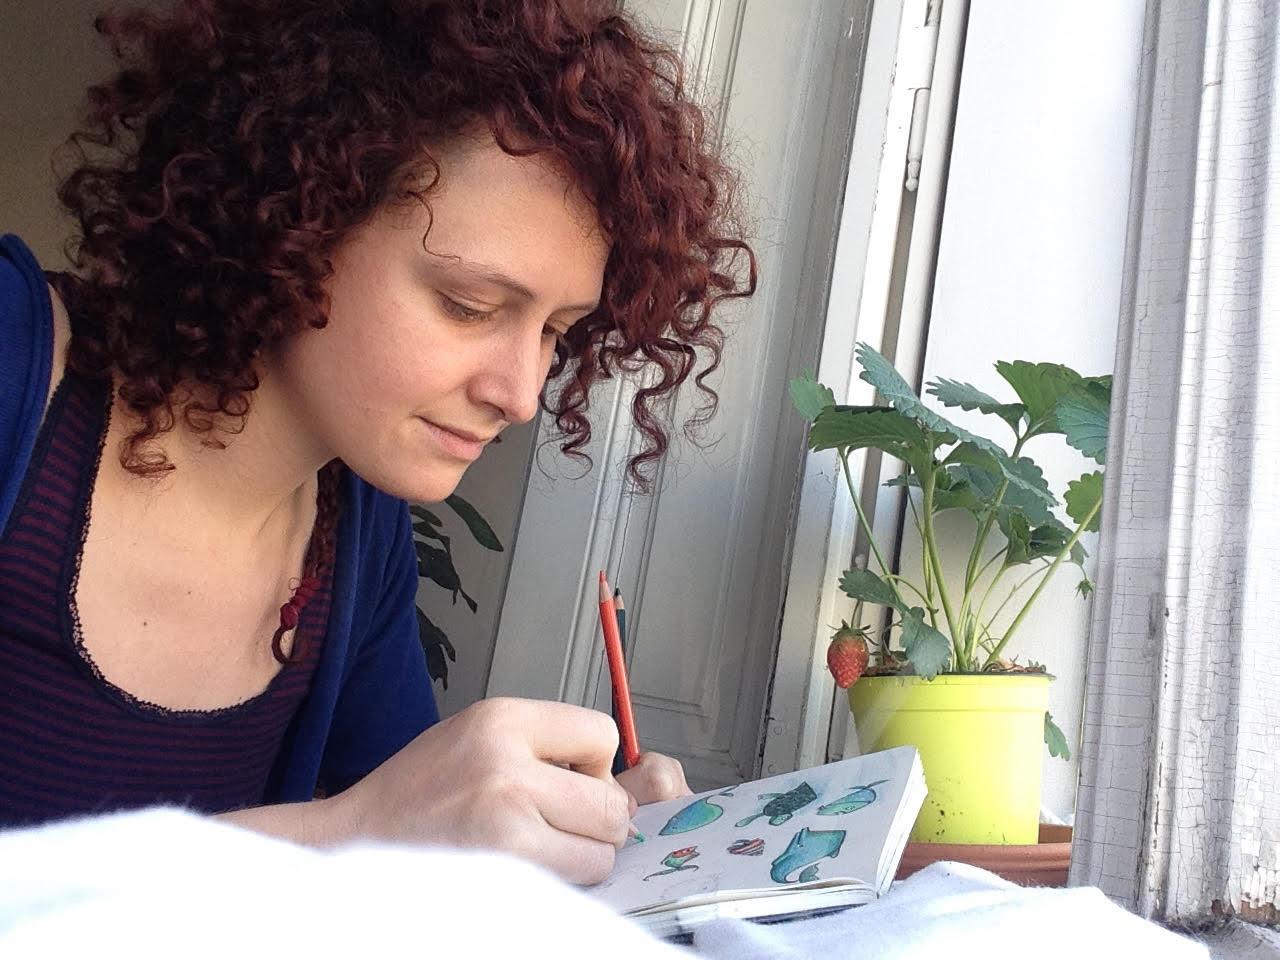 Sonja sketching at her desk.